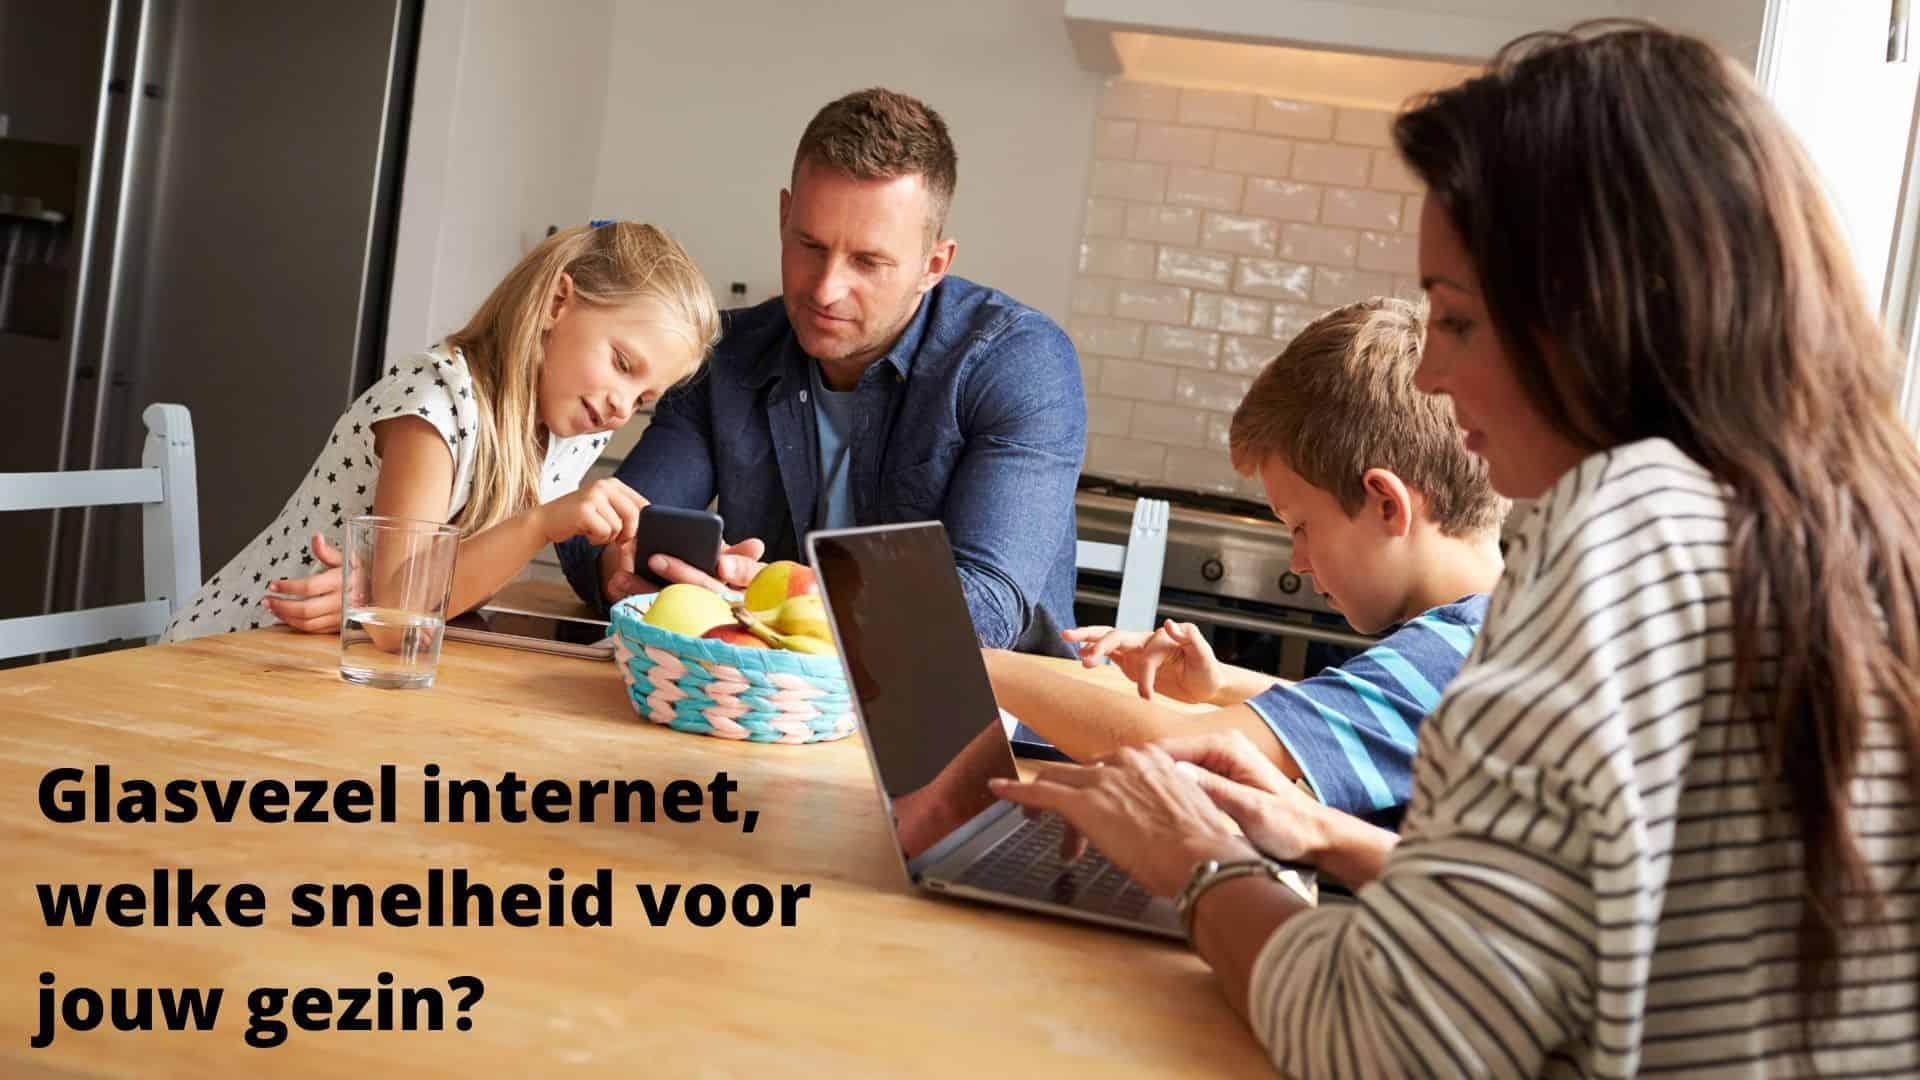 Glasvezel internet welke snelheid kiezen